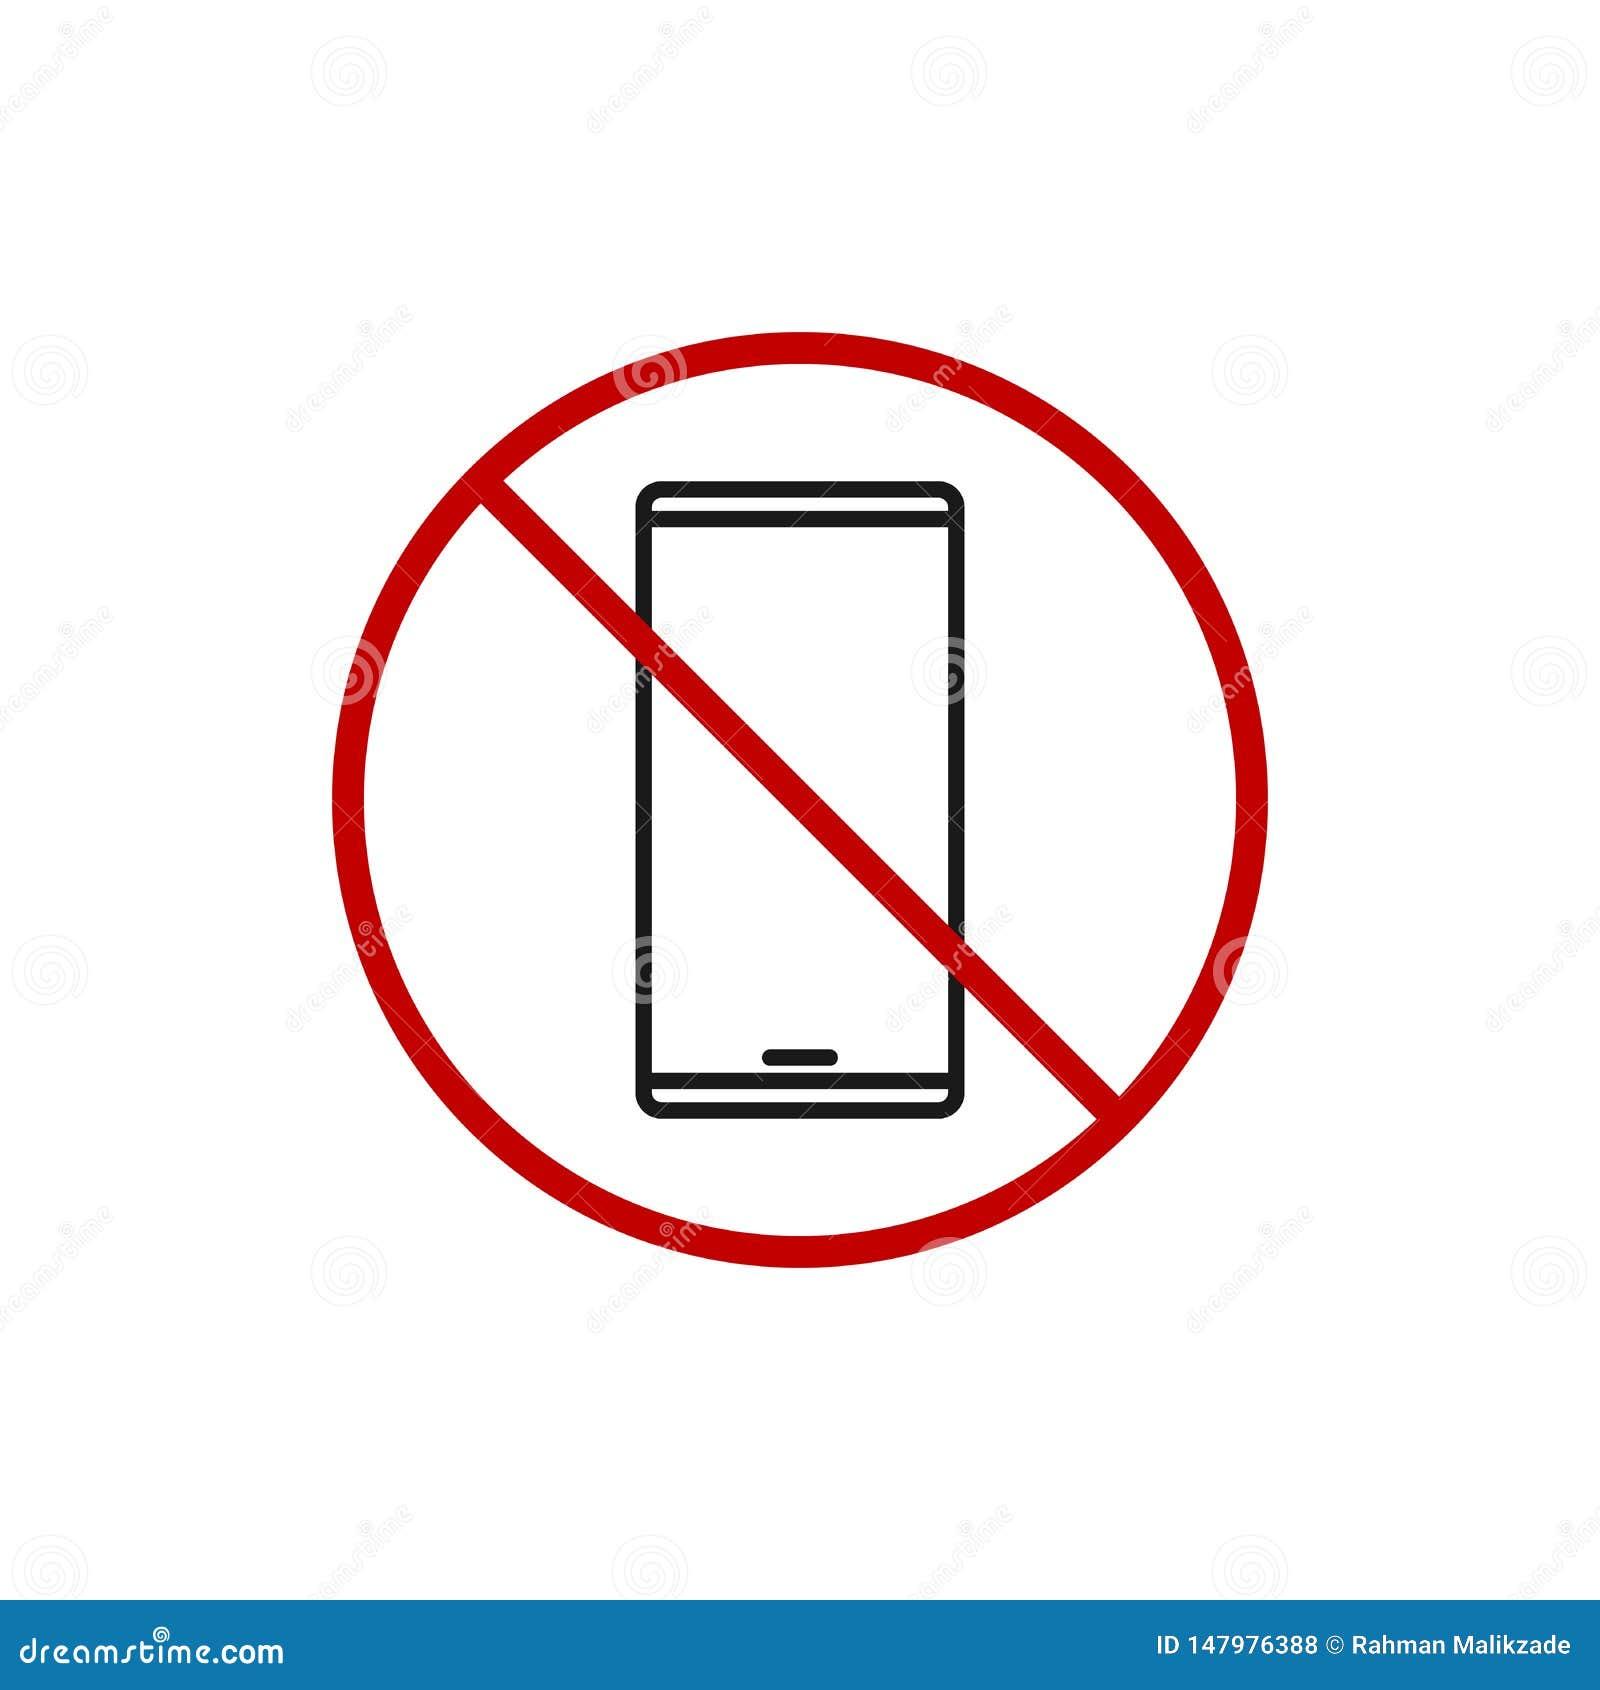 Le t?l?phone interdit emploient le signe aucune ic?ne de Smartphone Illustration moderne simple de vecteur